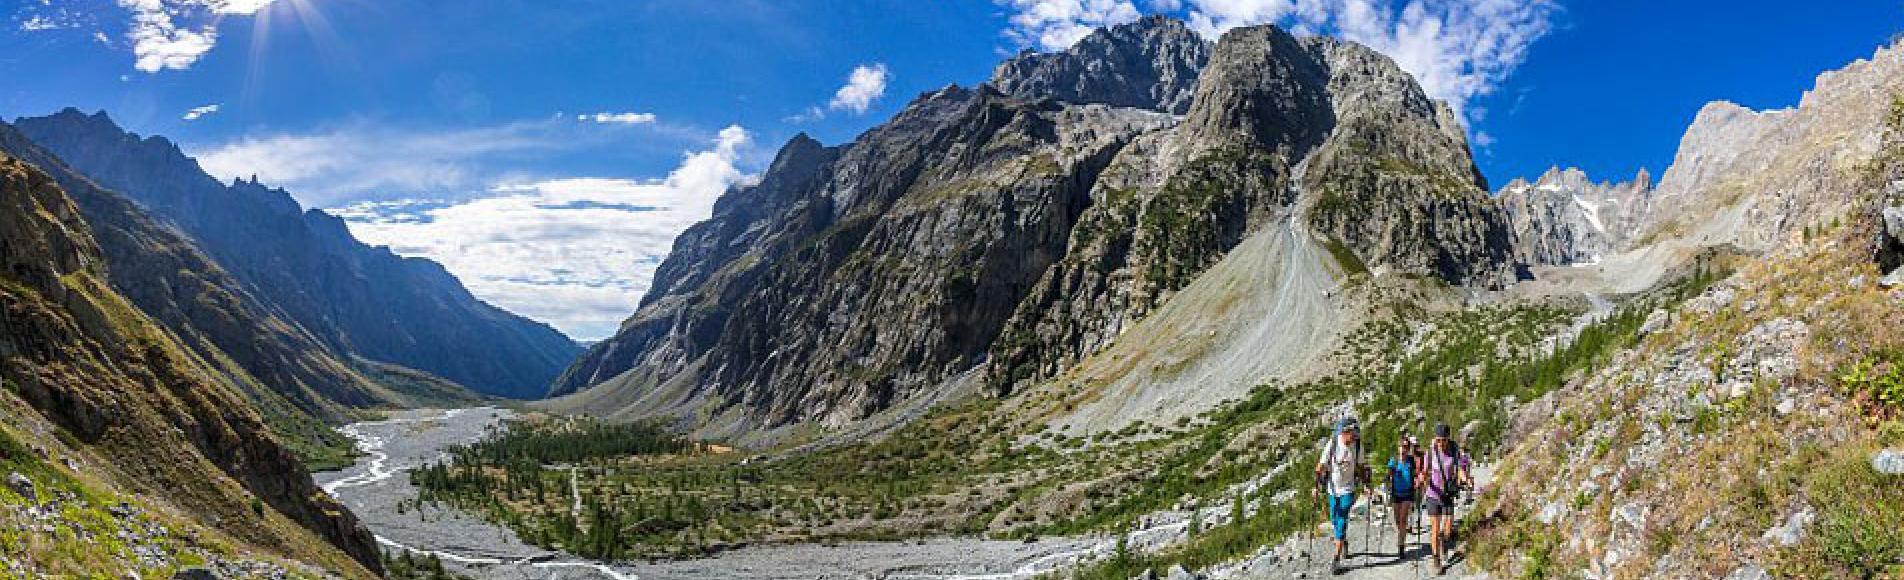 Esprit parc national dans les Ecrins - Estampille pour la découverte - © B Bodin - Parc national des Ecrins